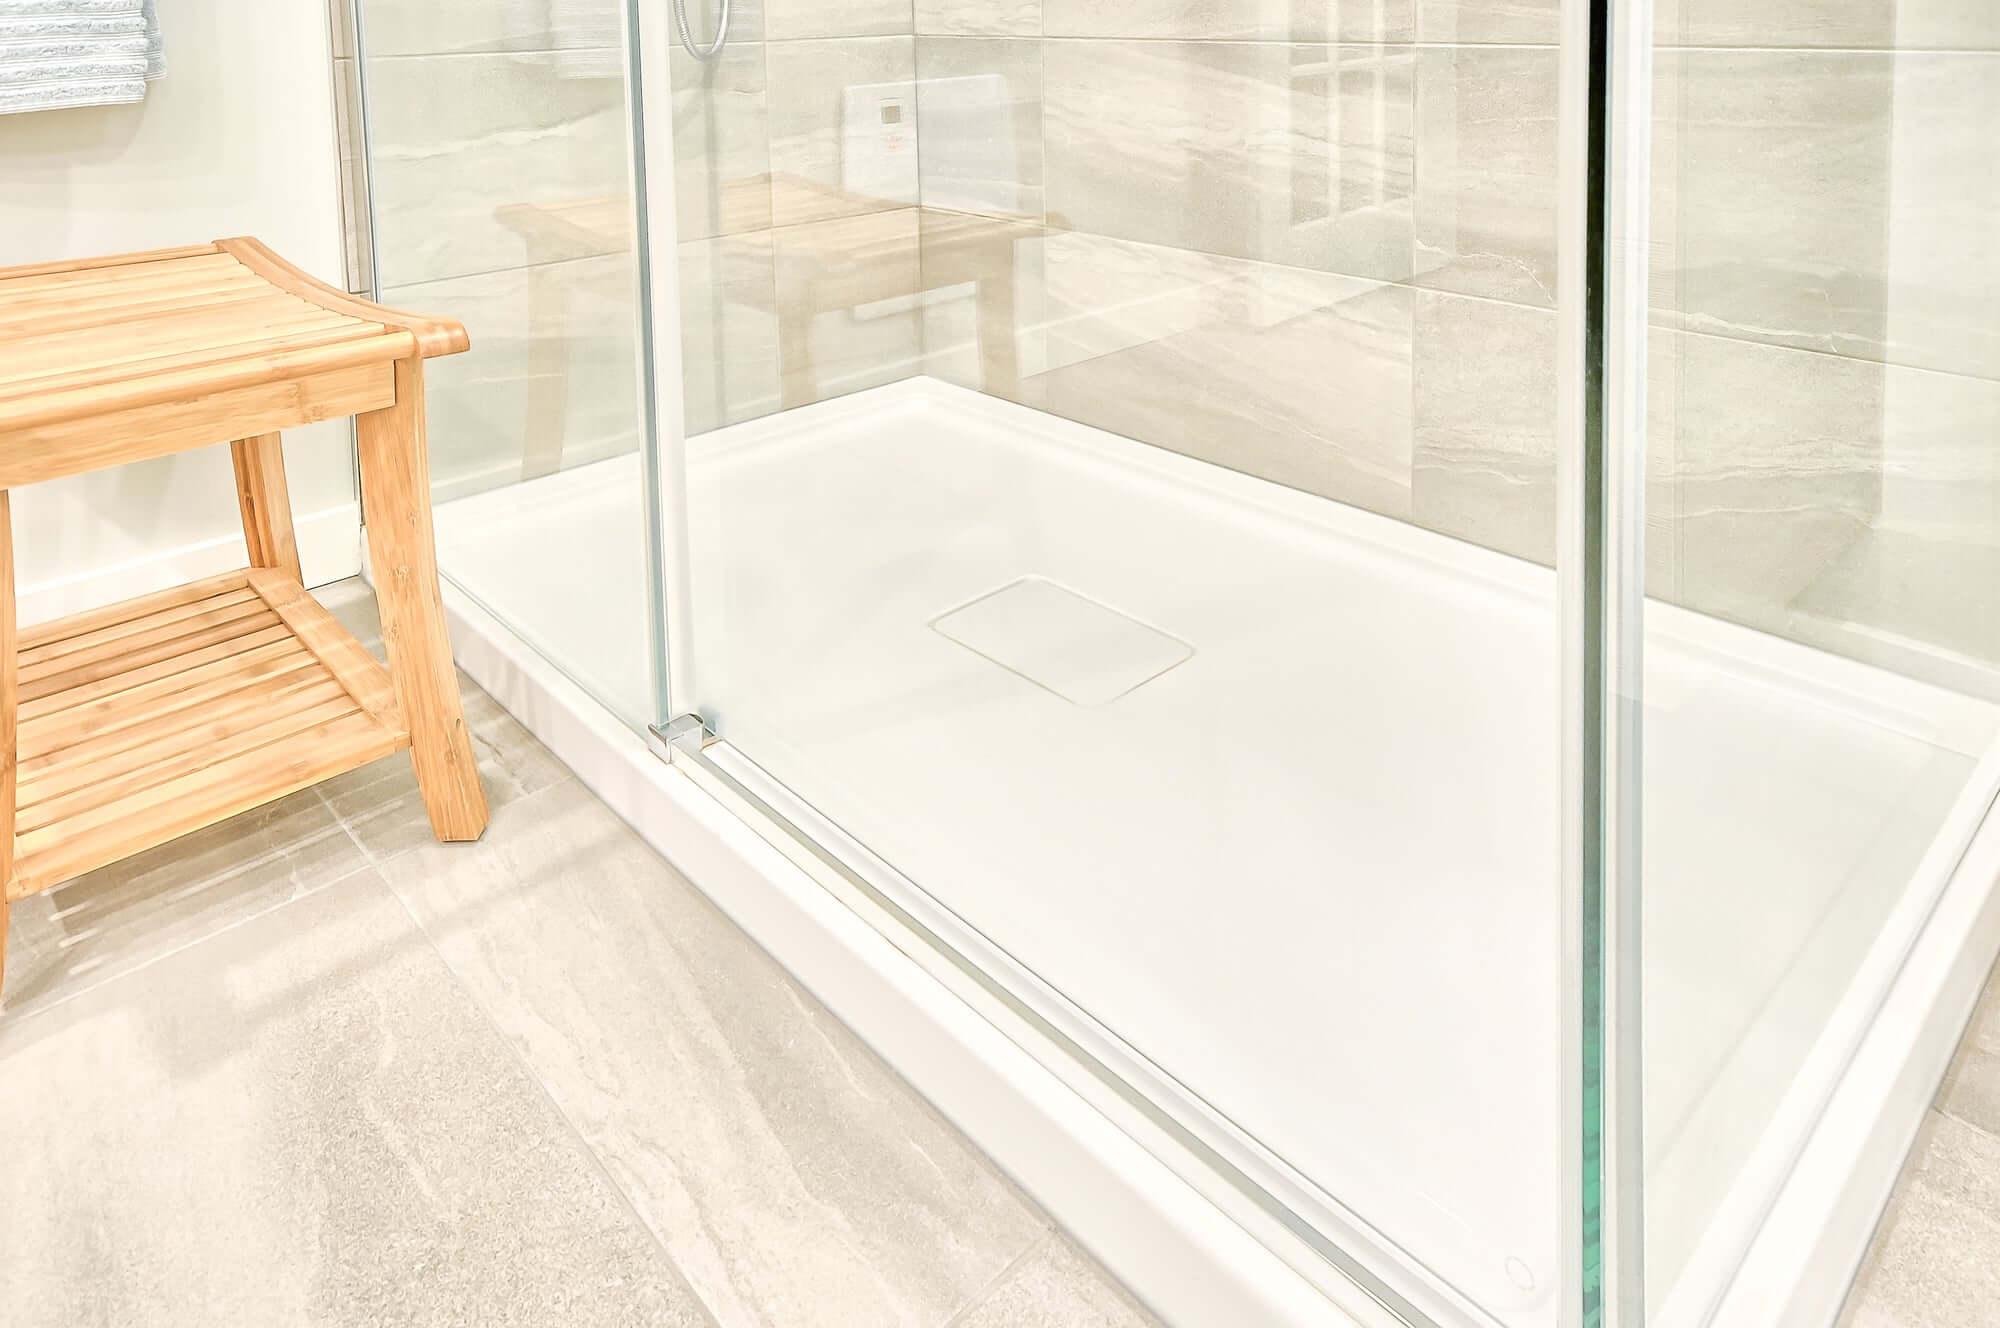 base douche en acrylique avec panneaux en verre